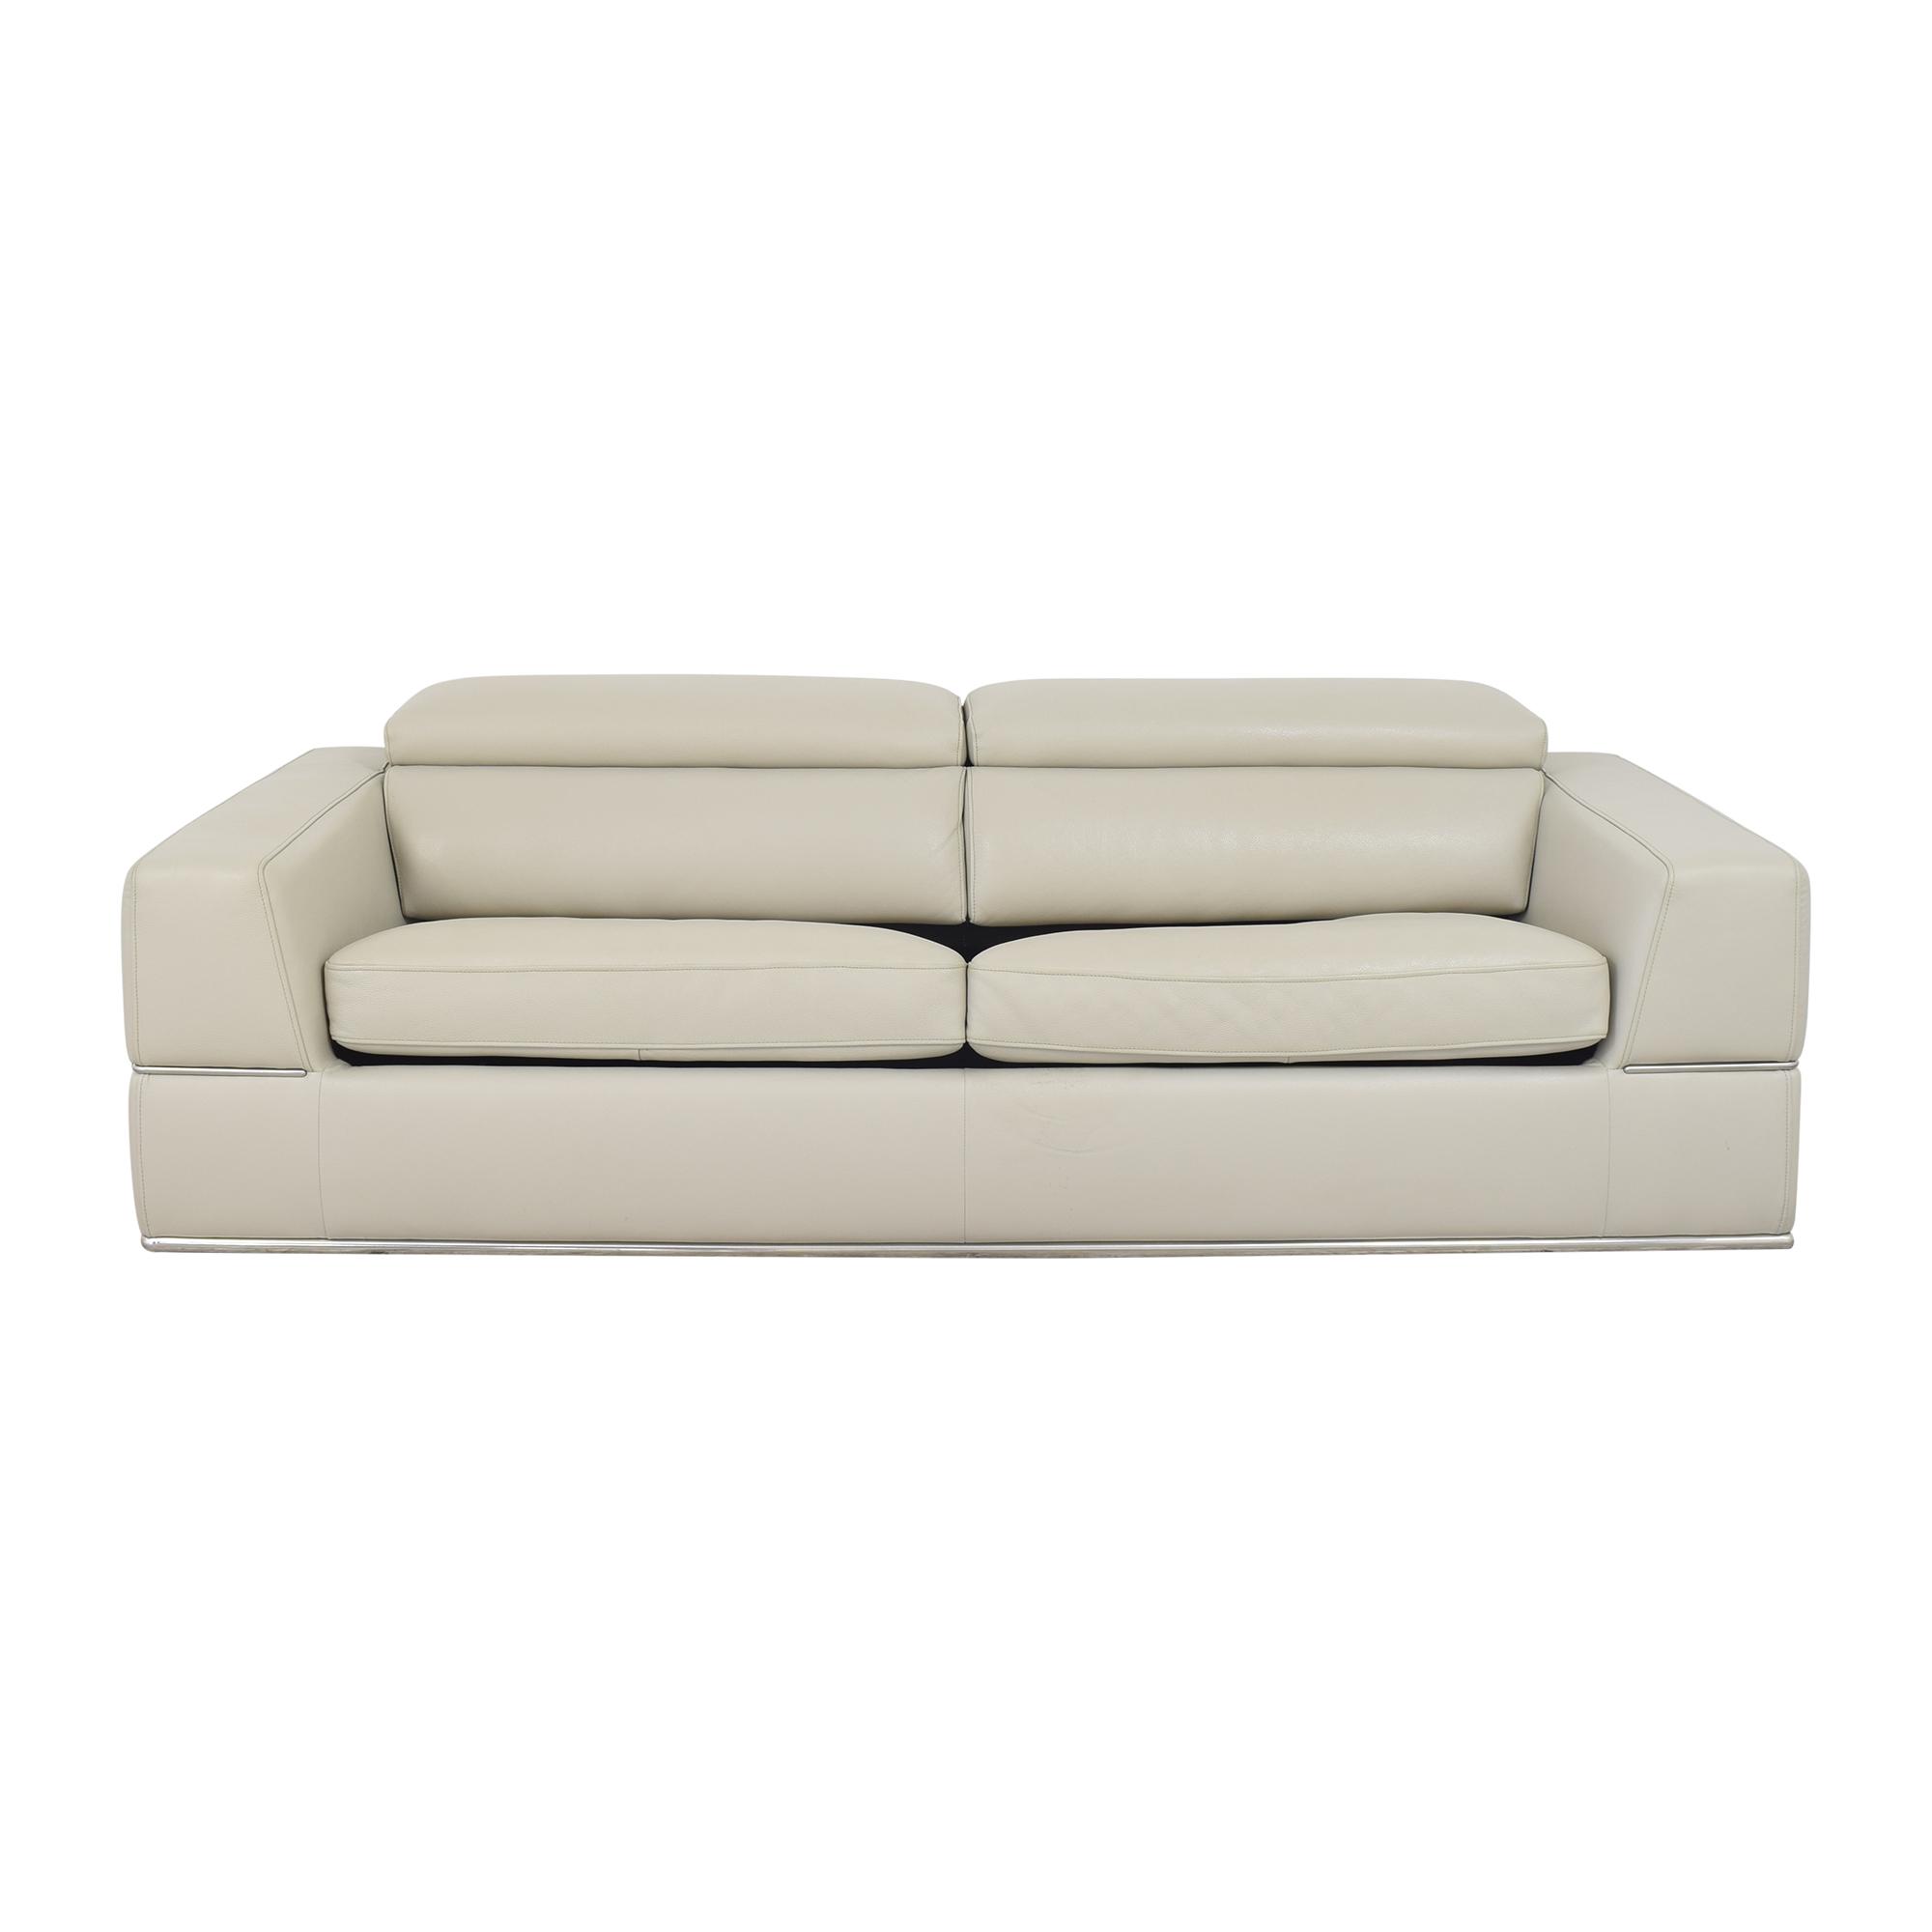 Modani Modani Bergamo Queen Sofa Bed